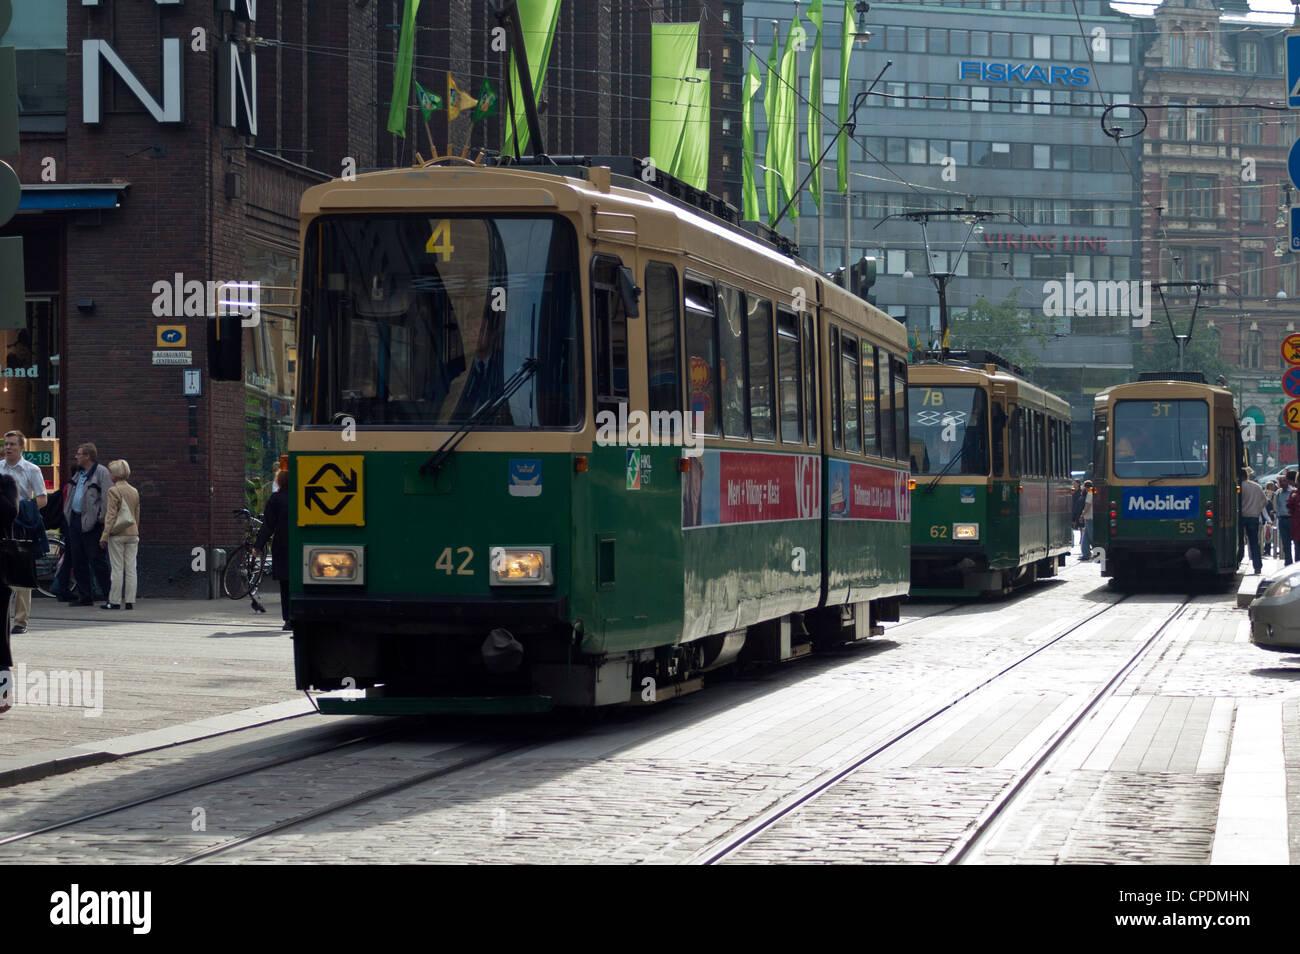 Trams in Helsinki, Finland, Scandinavia - Stock Image